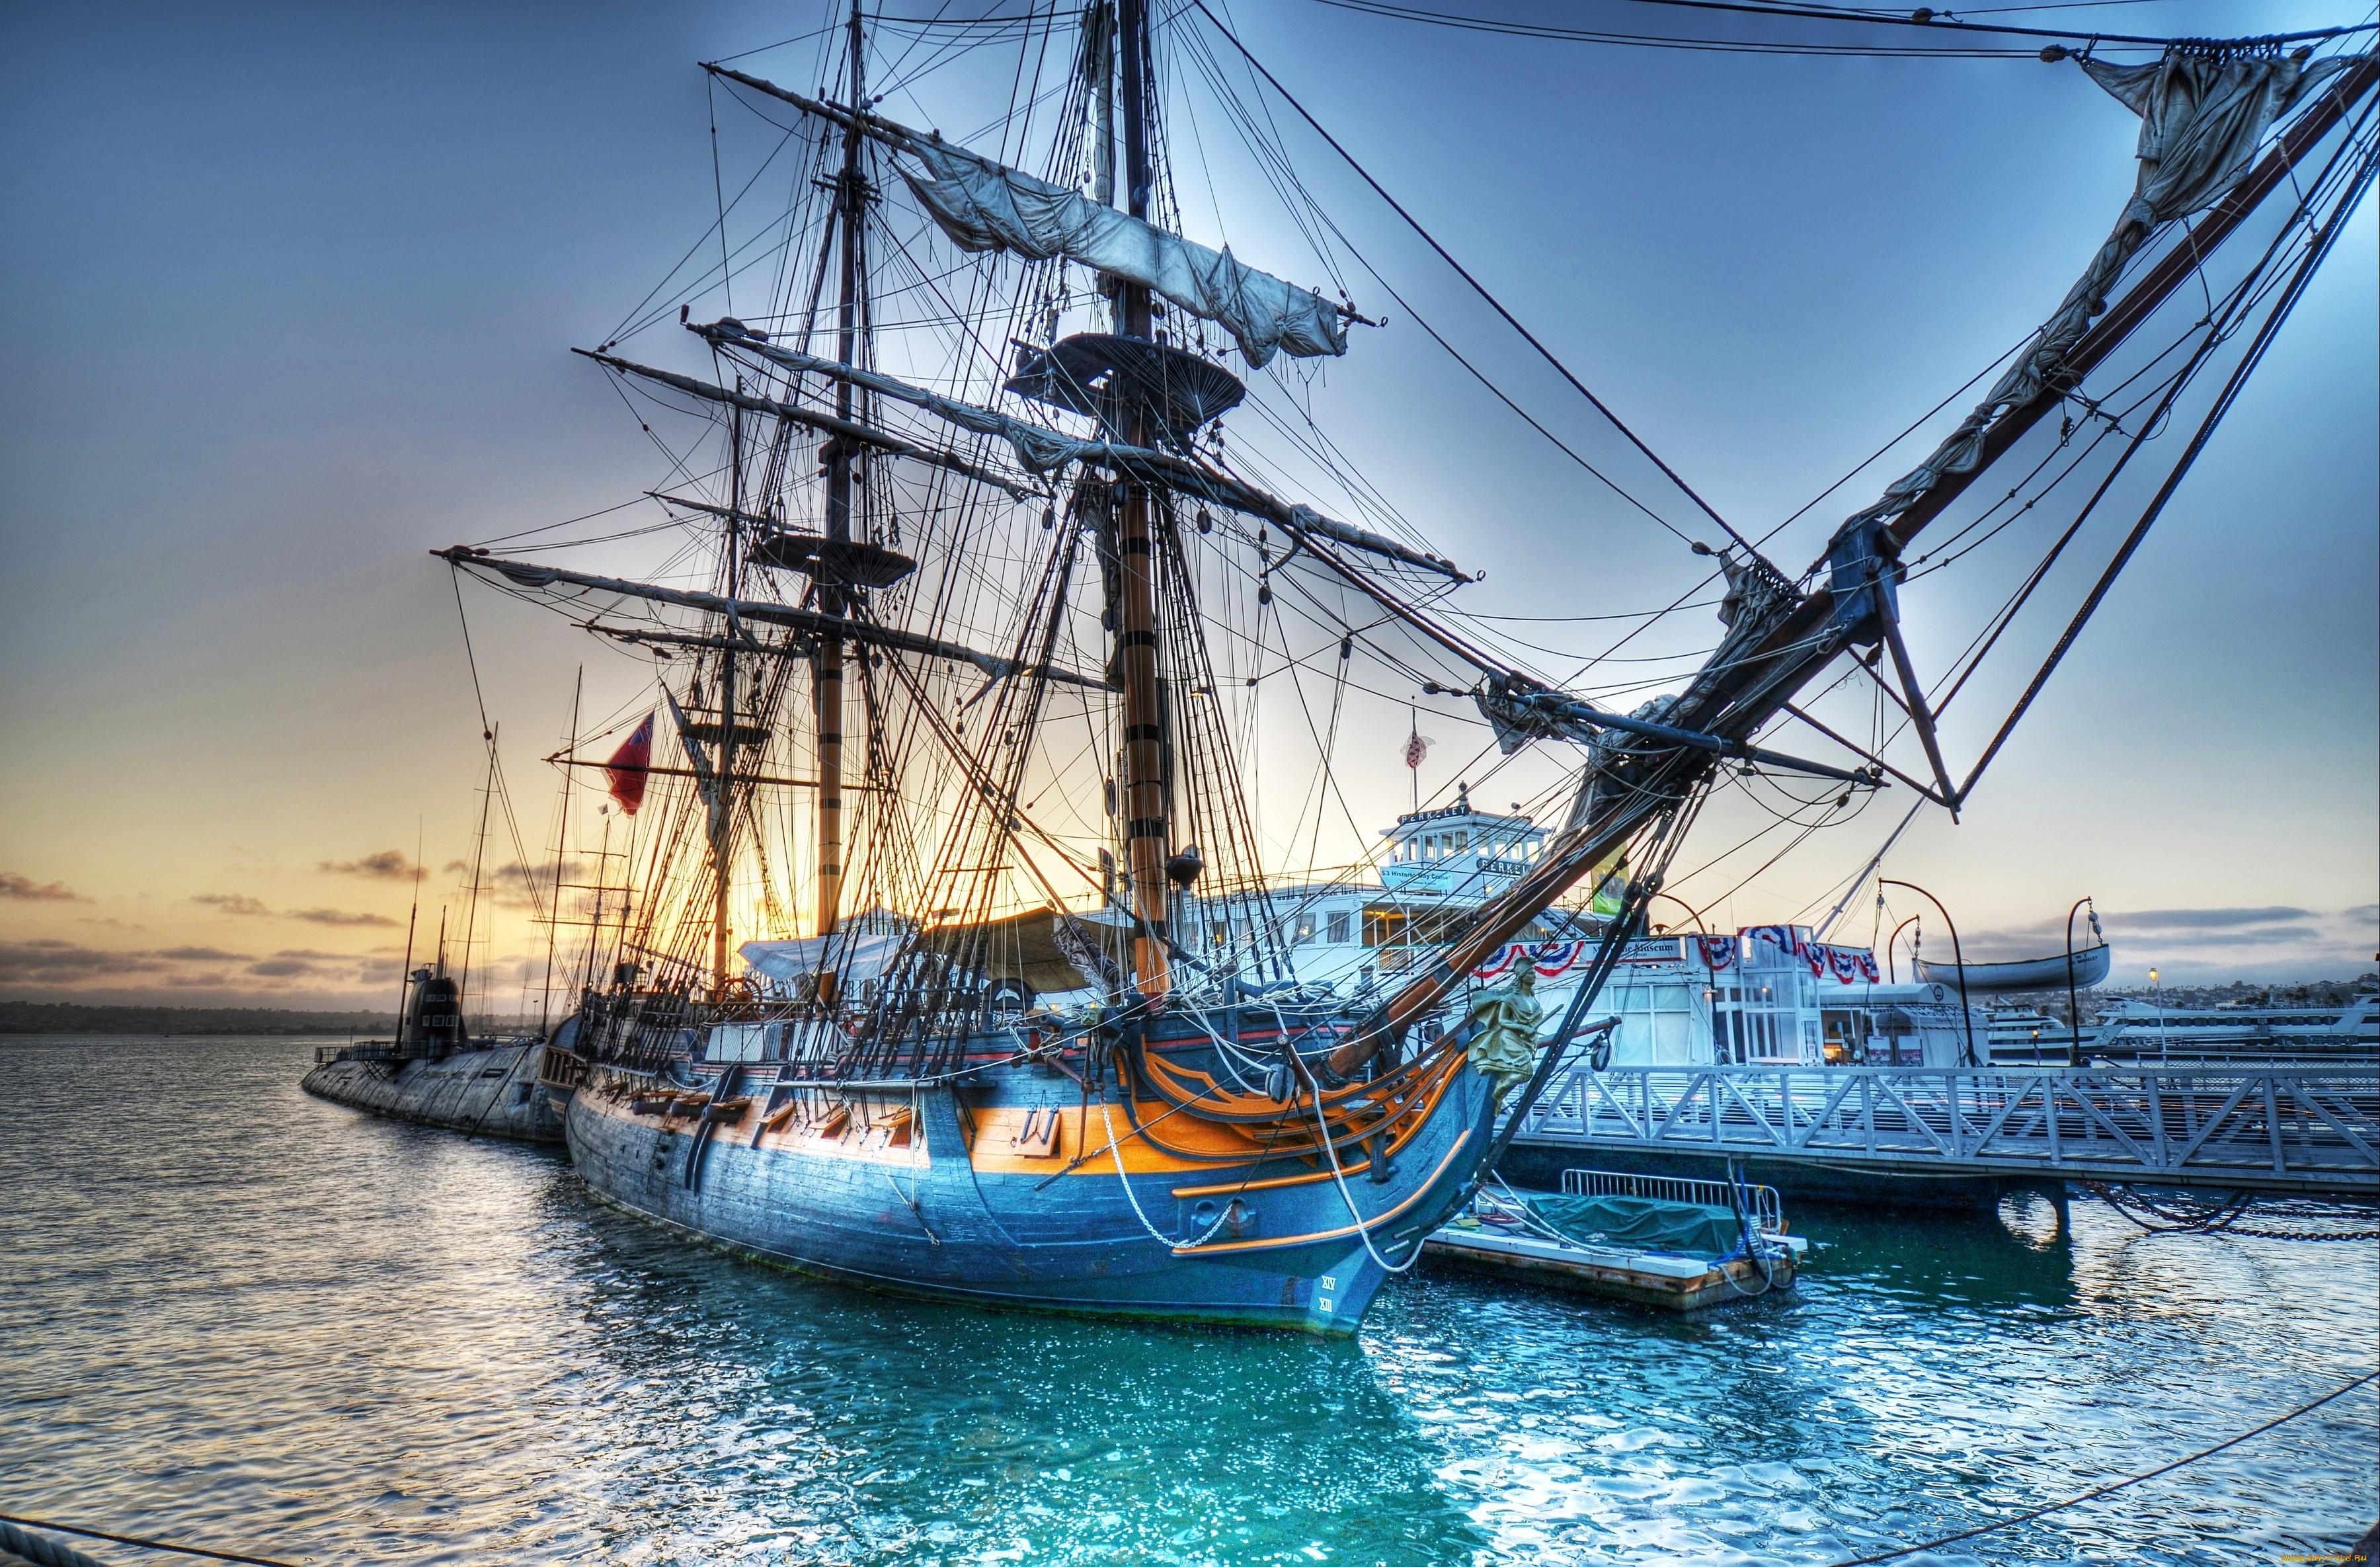 парусные корабли картинки высокого разрешения простой